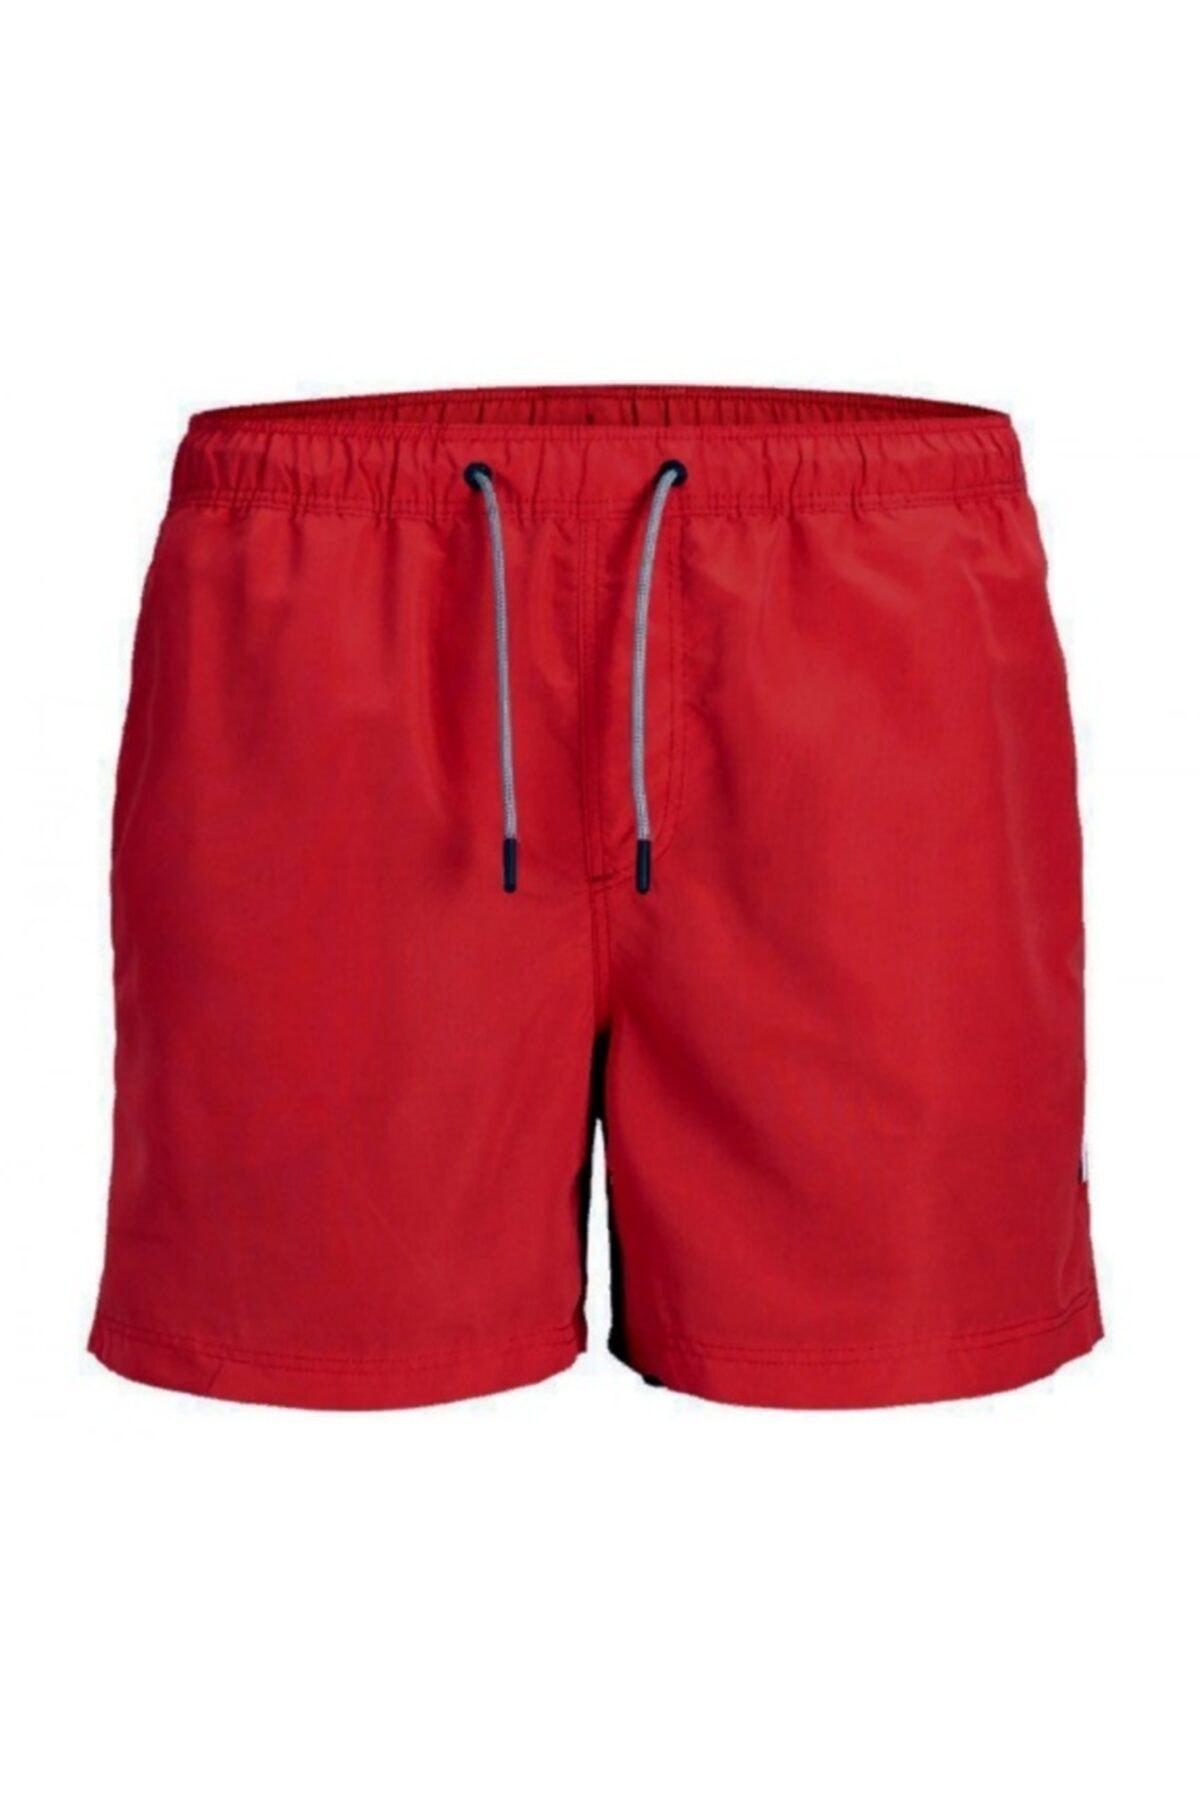 Jack & Jones Erkek Kırmızı Lastikli Deniz Şortu 1